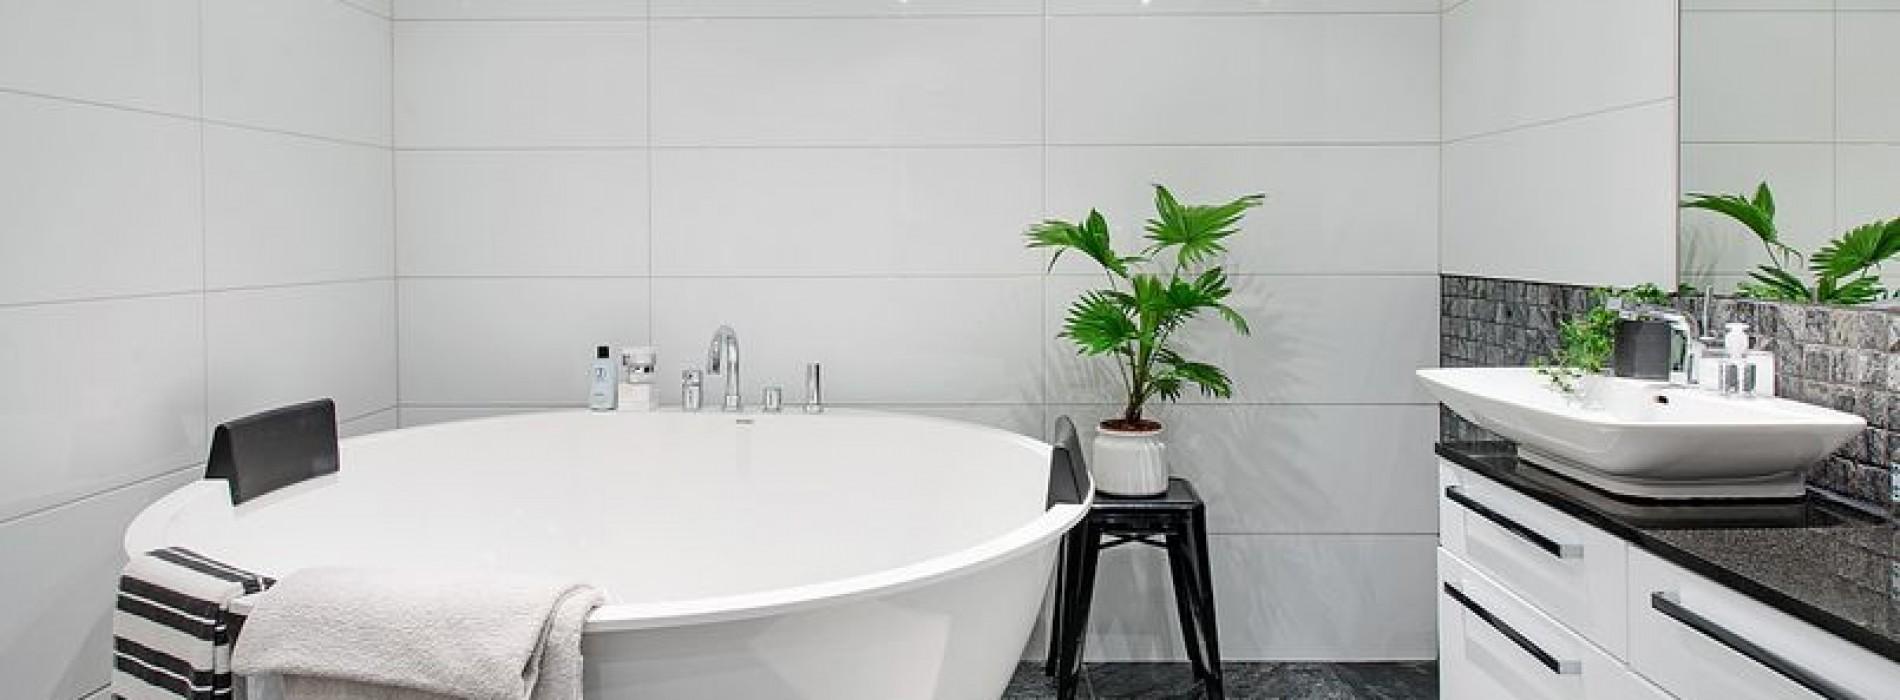 Minimalistyczna i surowa czy może przytulna łazienka w stylu retro?